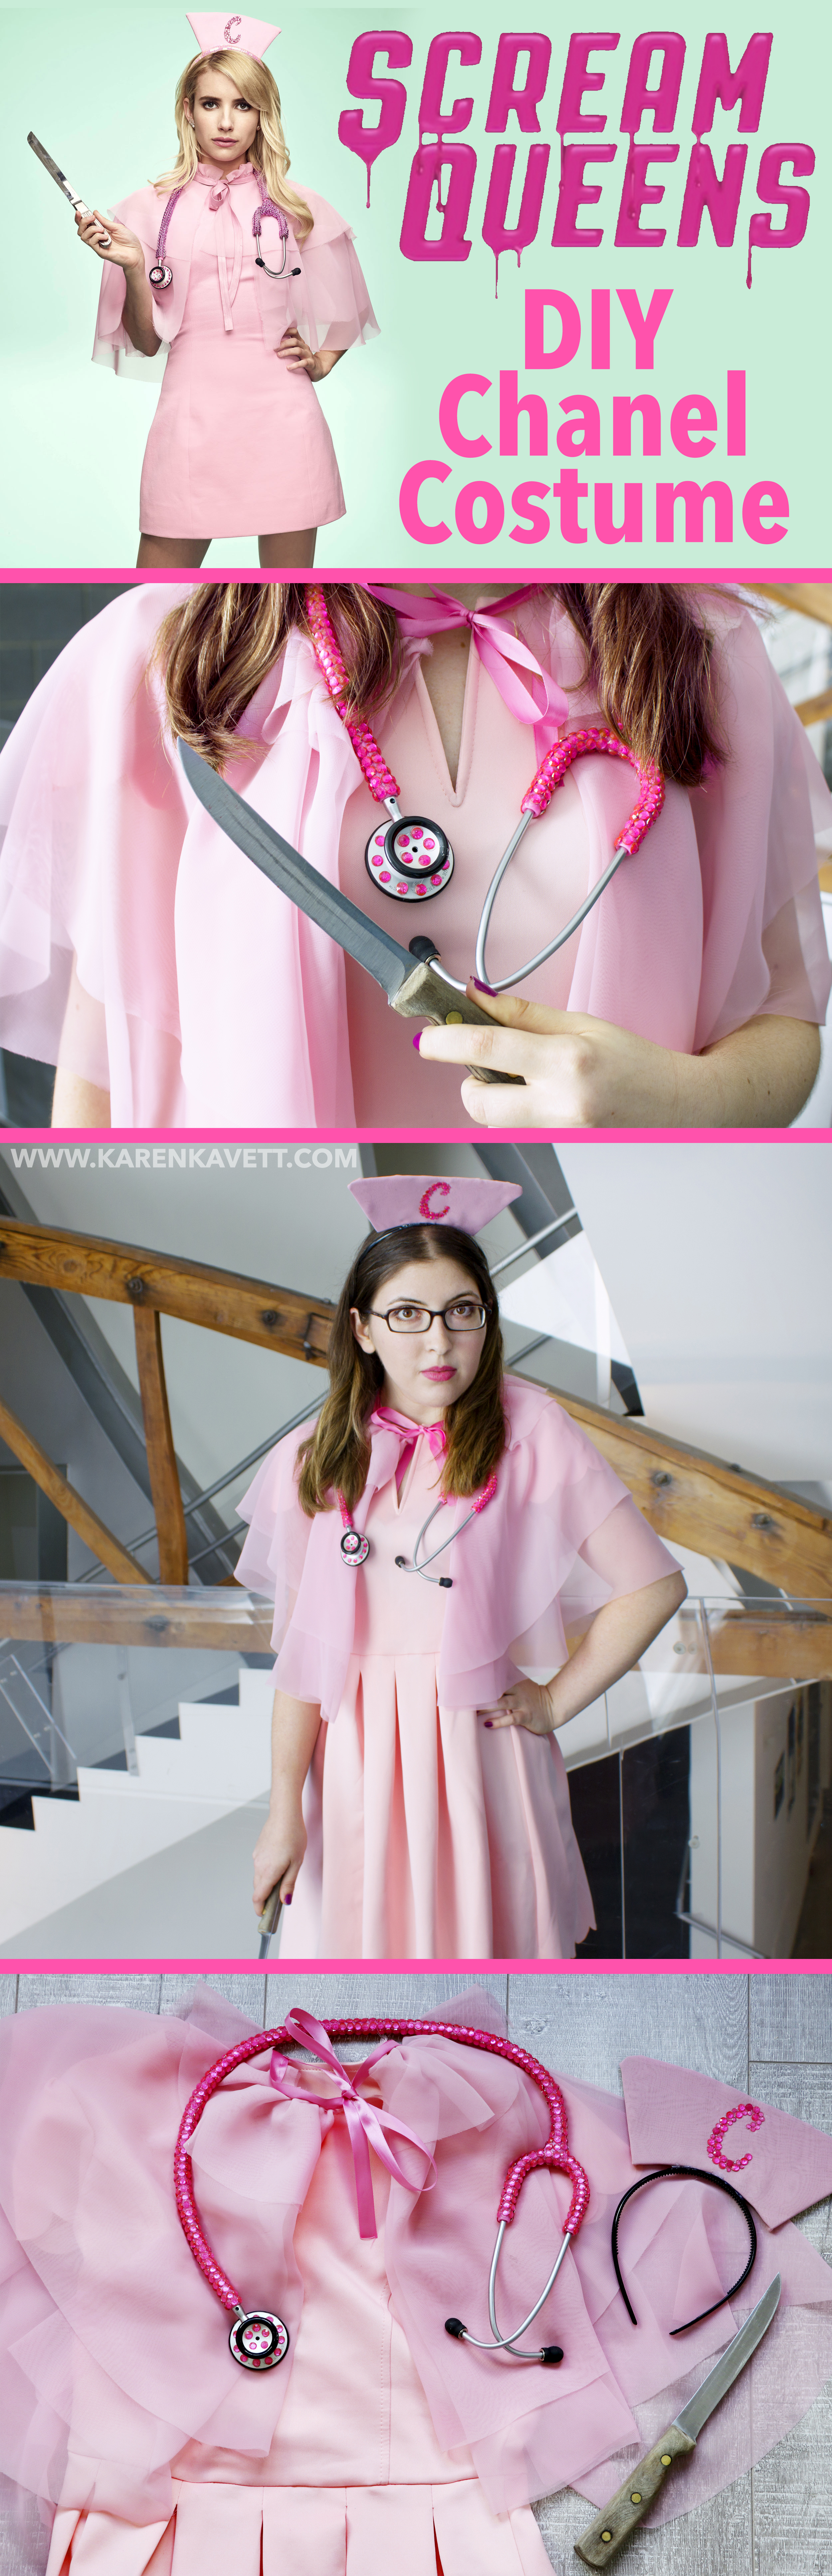 DIY Chanel from Scream Queens Halloween Costume Karen